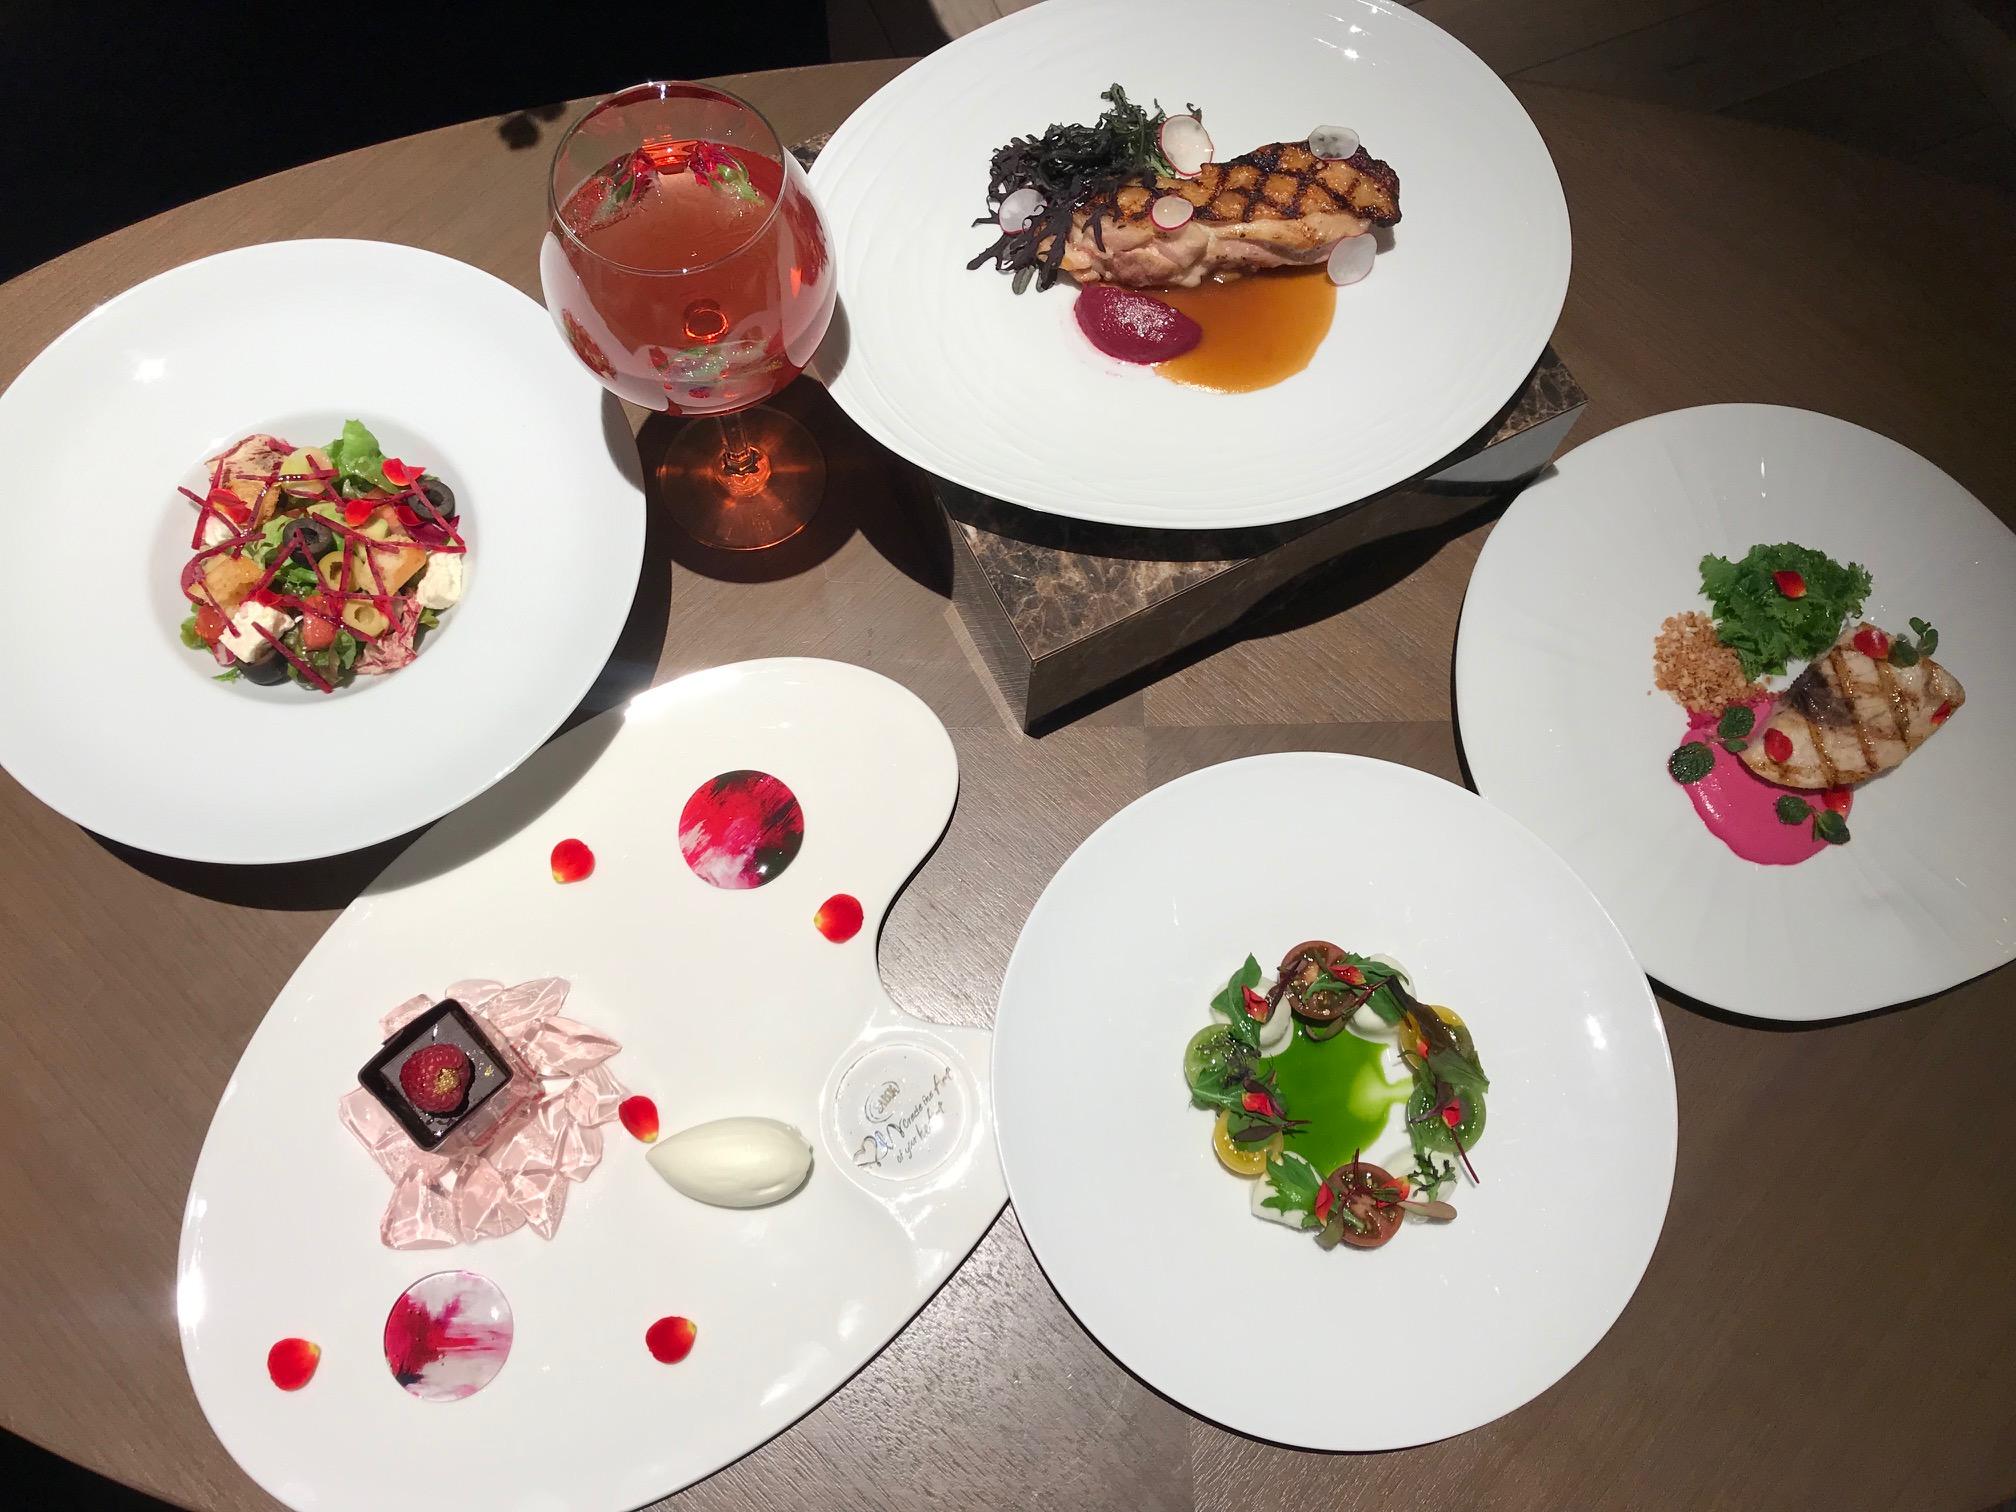 『SABON』が贈る、ローズ香るピンクのディナー(しかも特典つき♡)!! 今度のデートや女子会は『ザ ストリングス 表参道』で_2